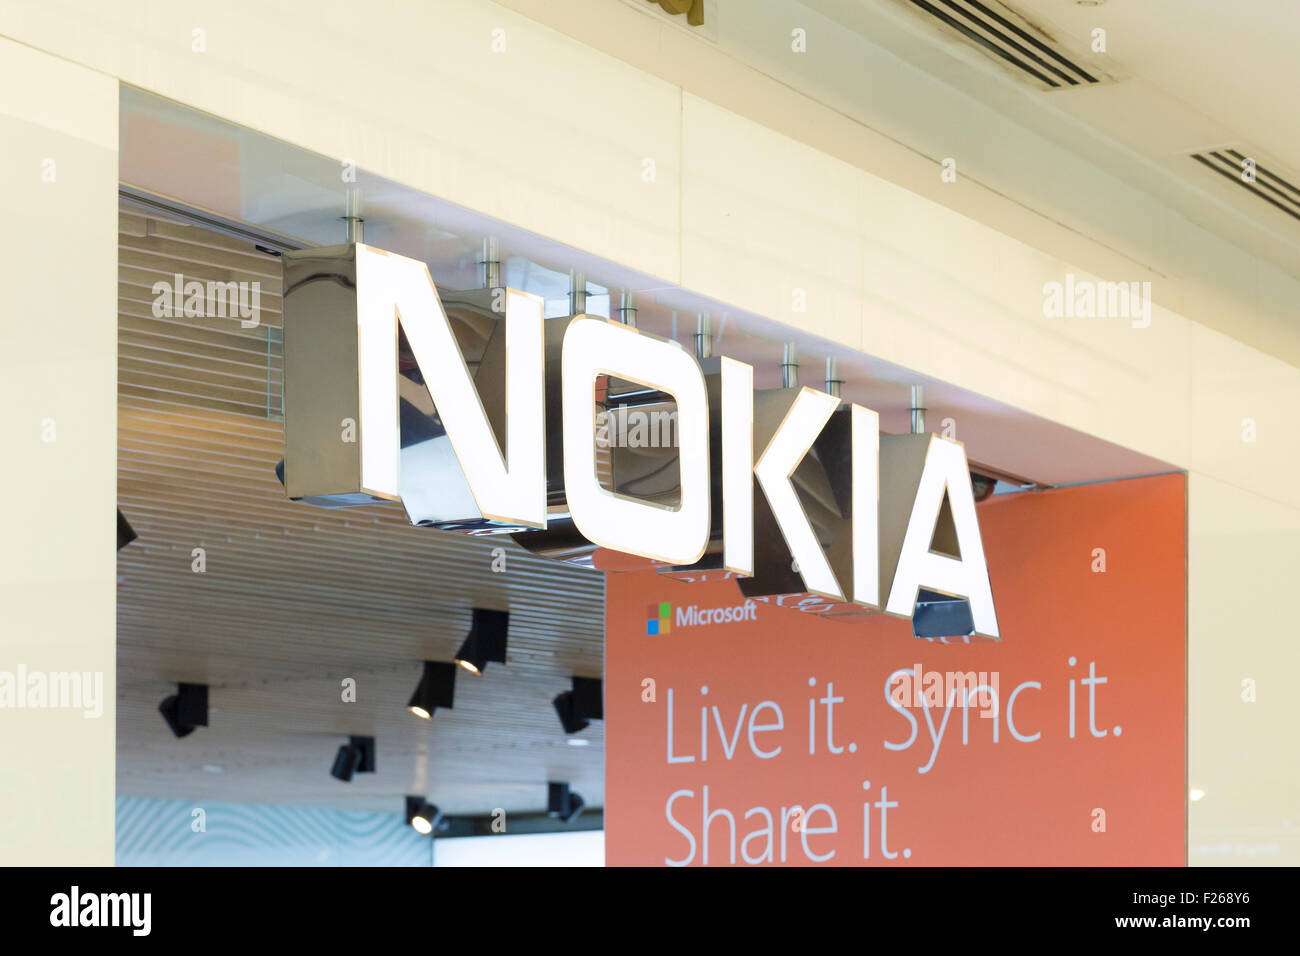 Nokia logo - Stock Image